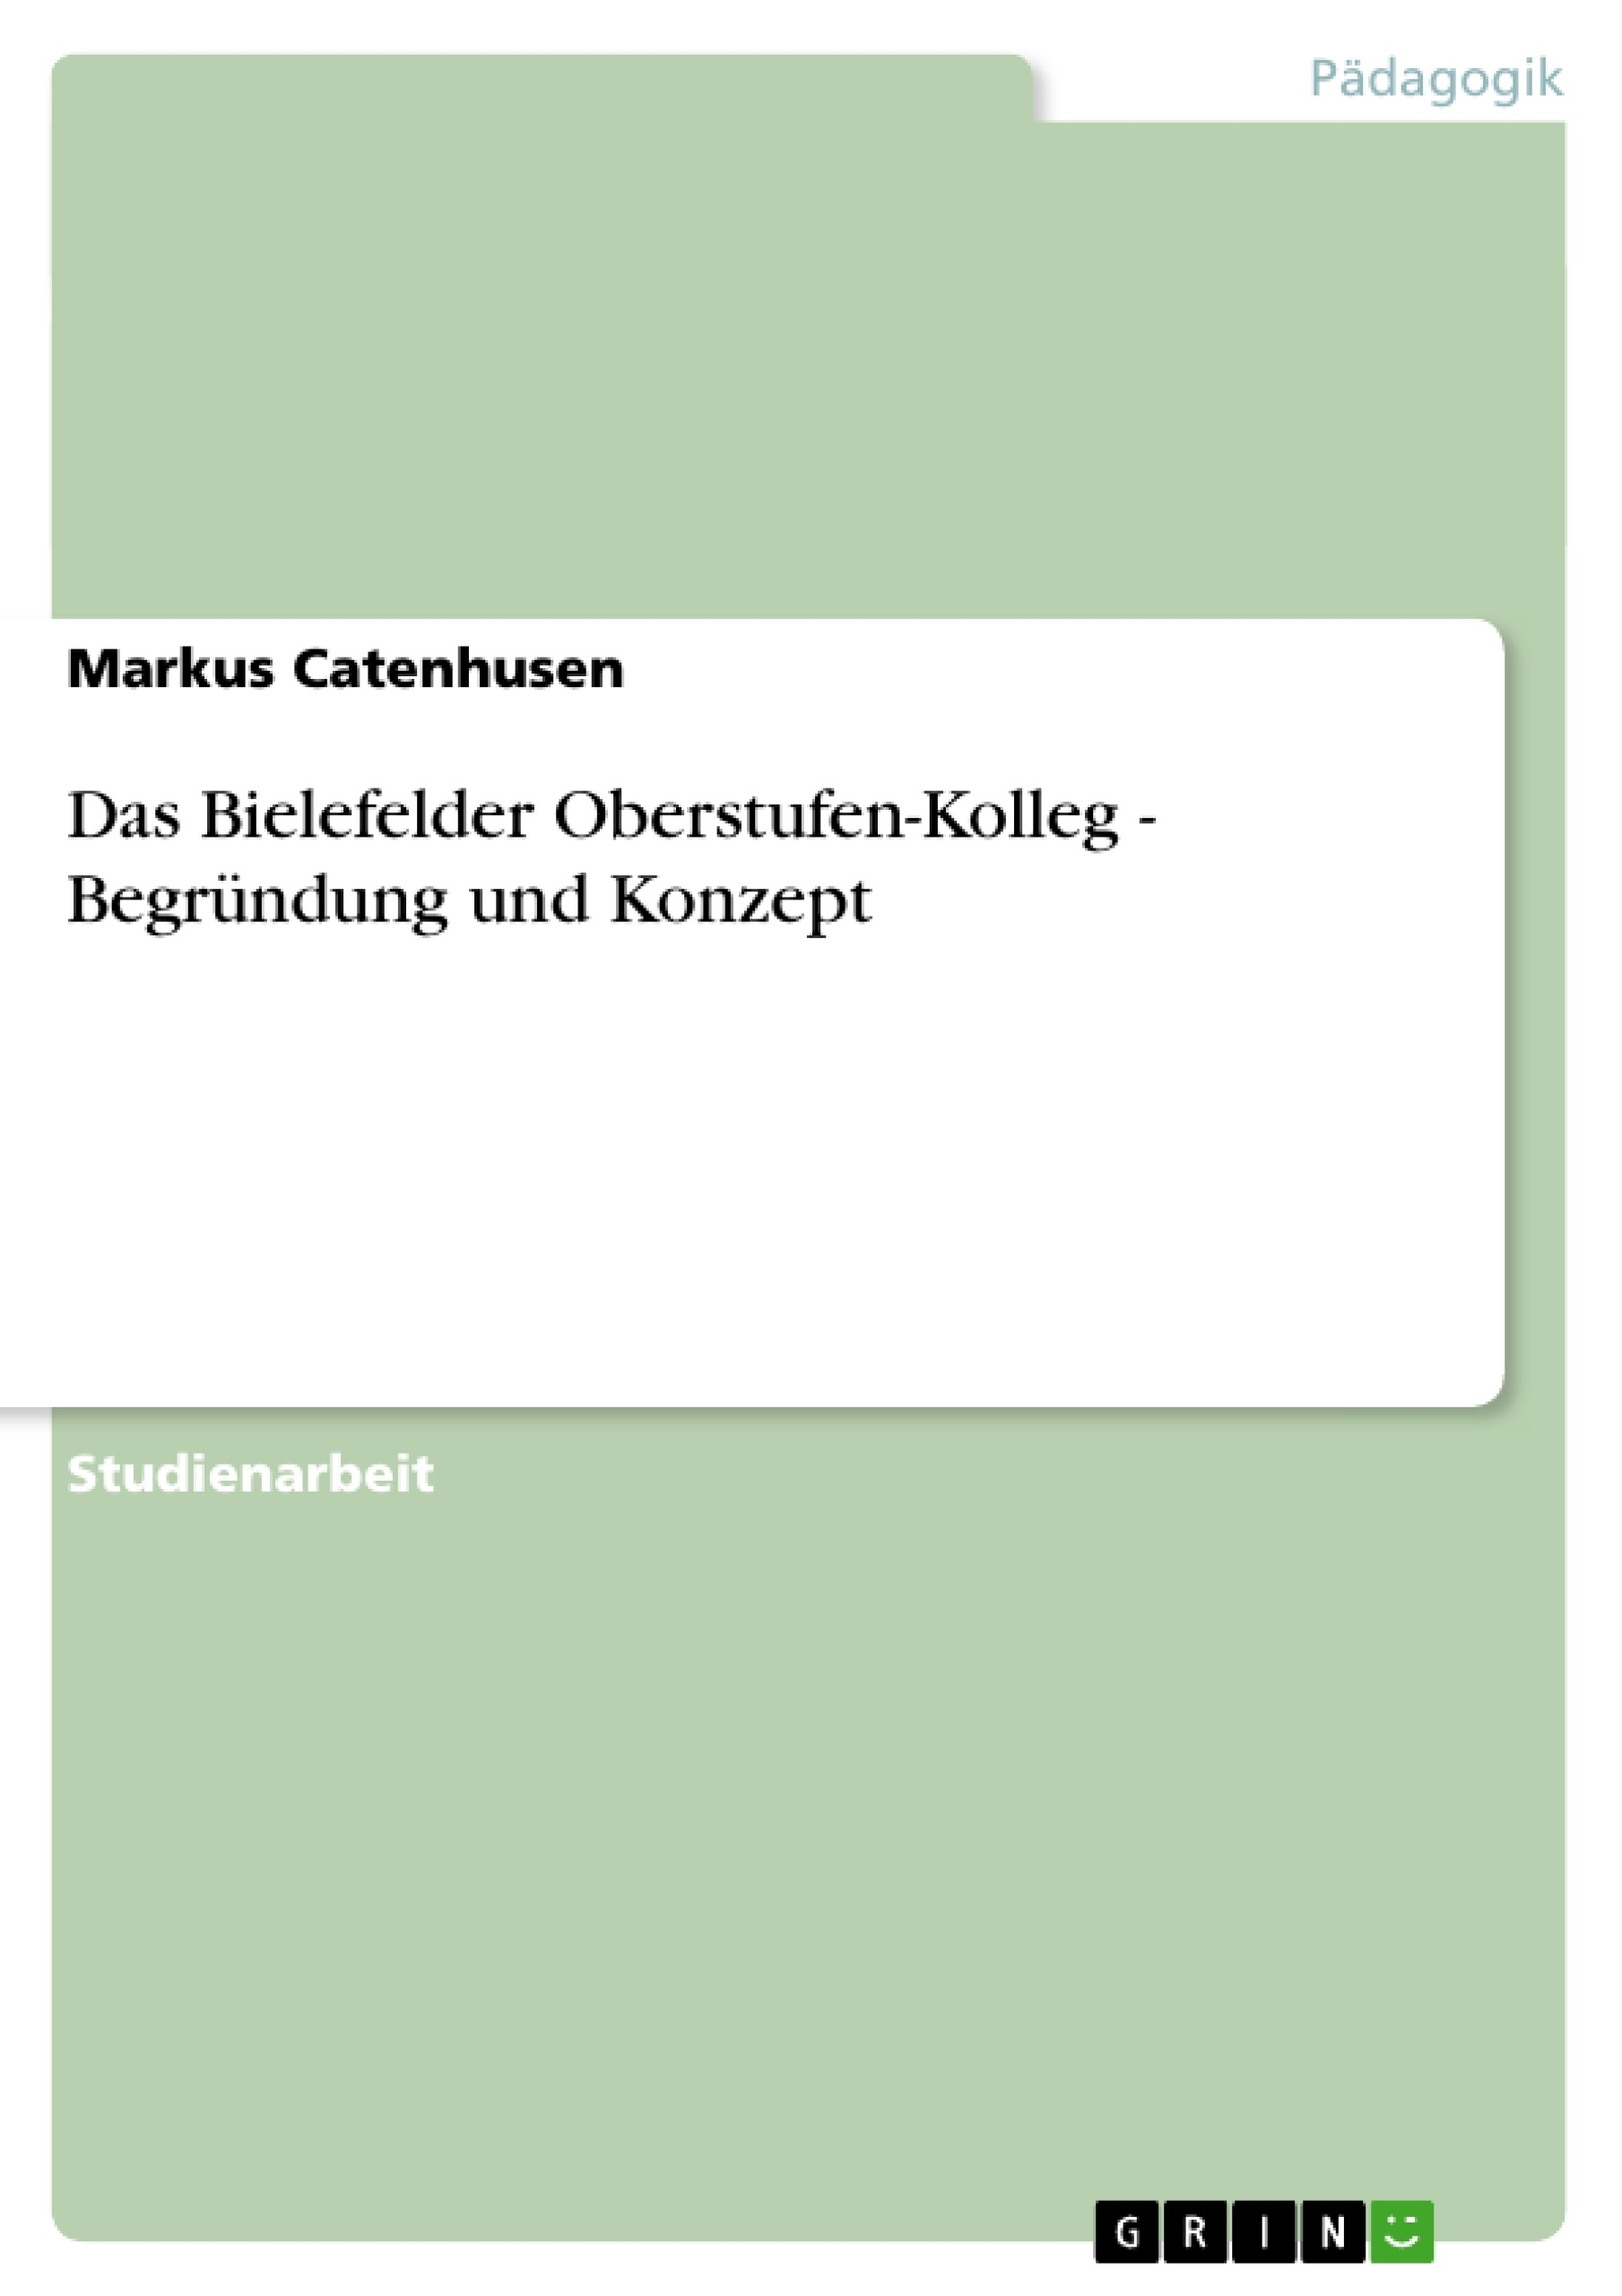 Titel: Das Bielefelder Oberstufen-Kolleg - Begründung und Konzept